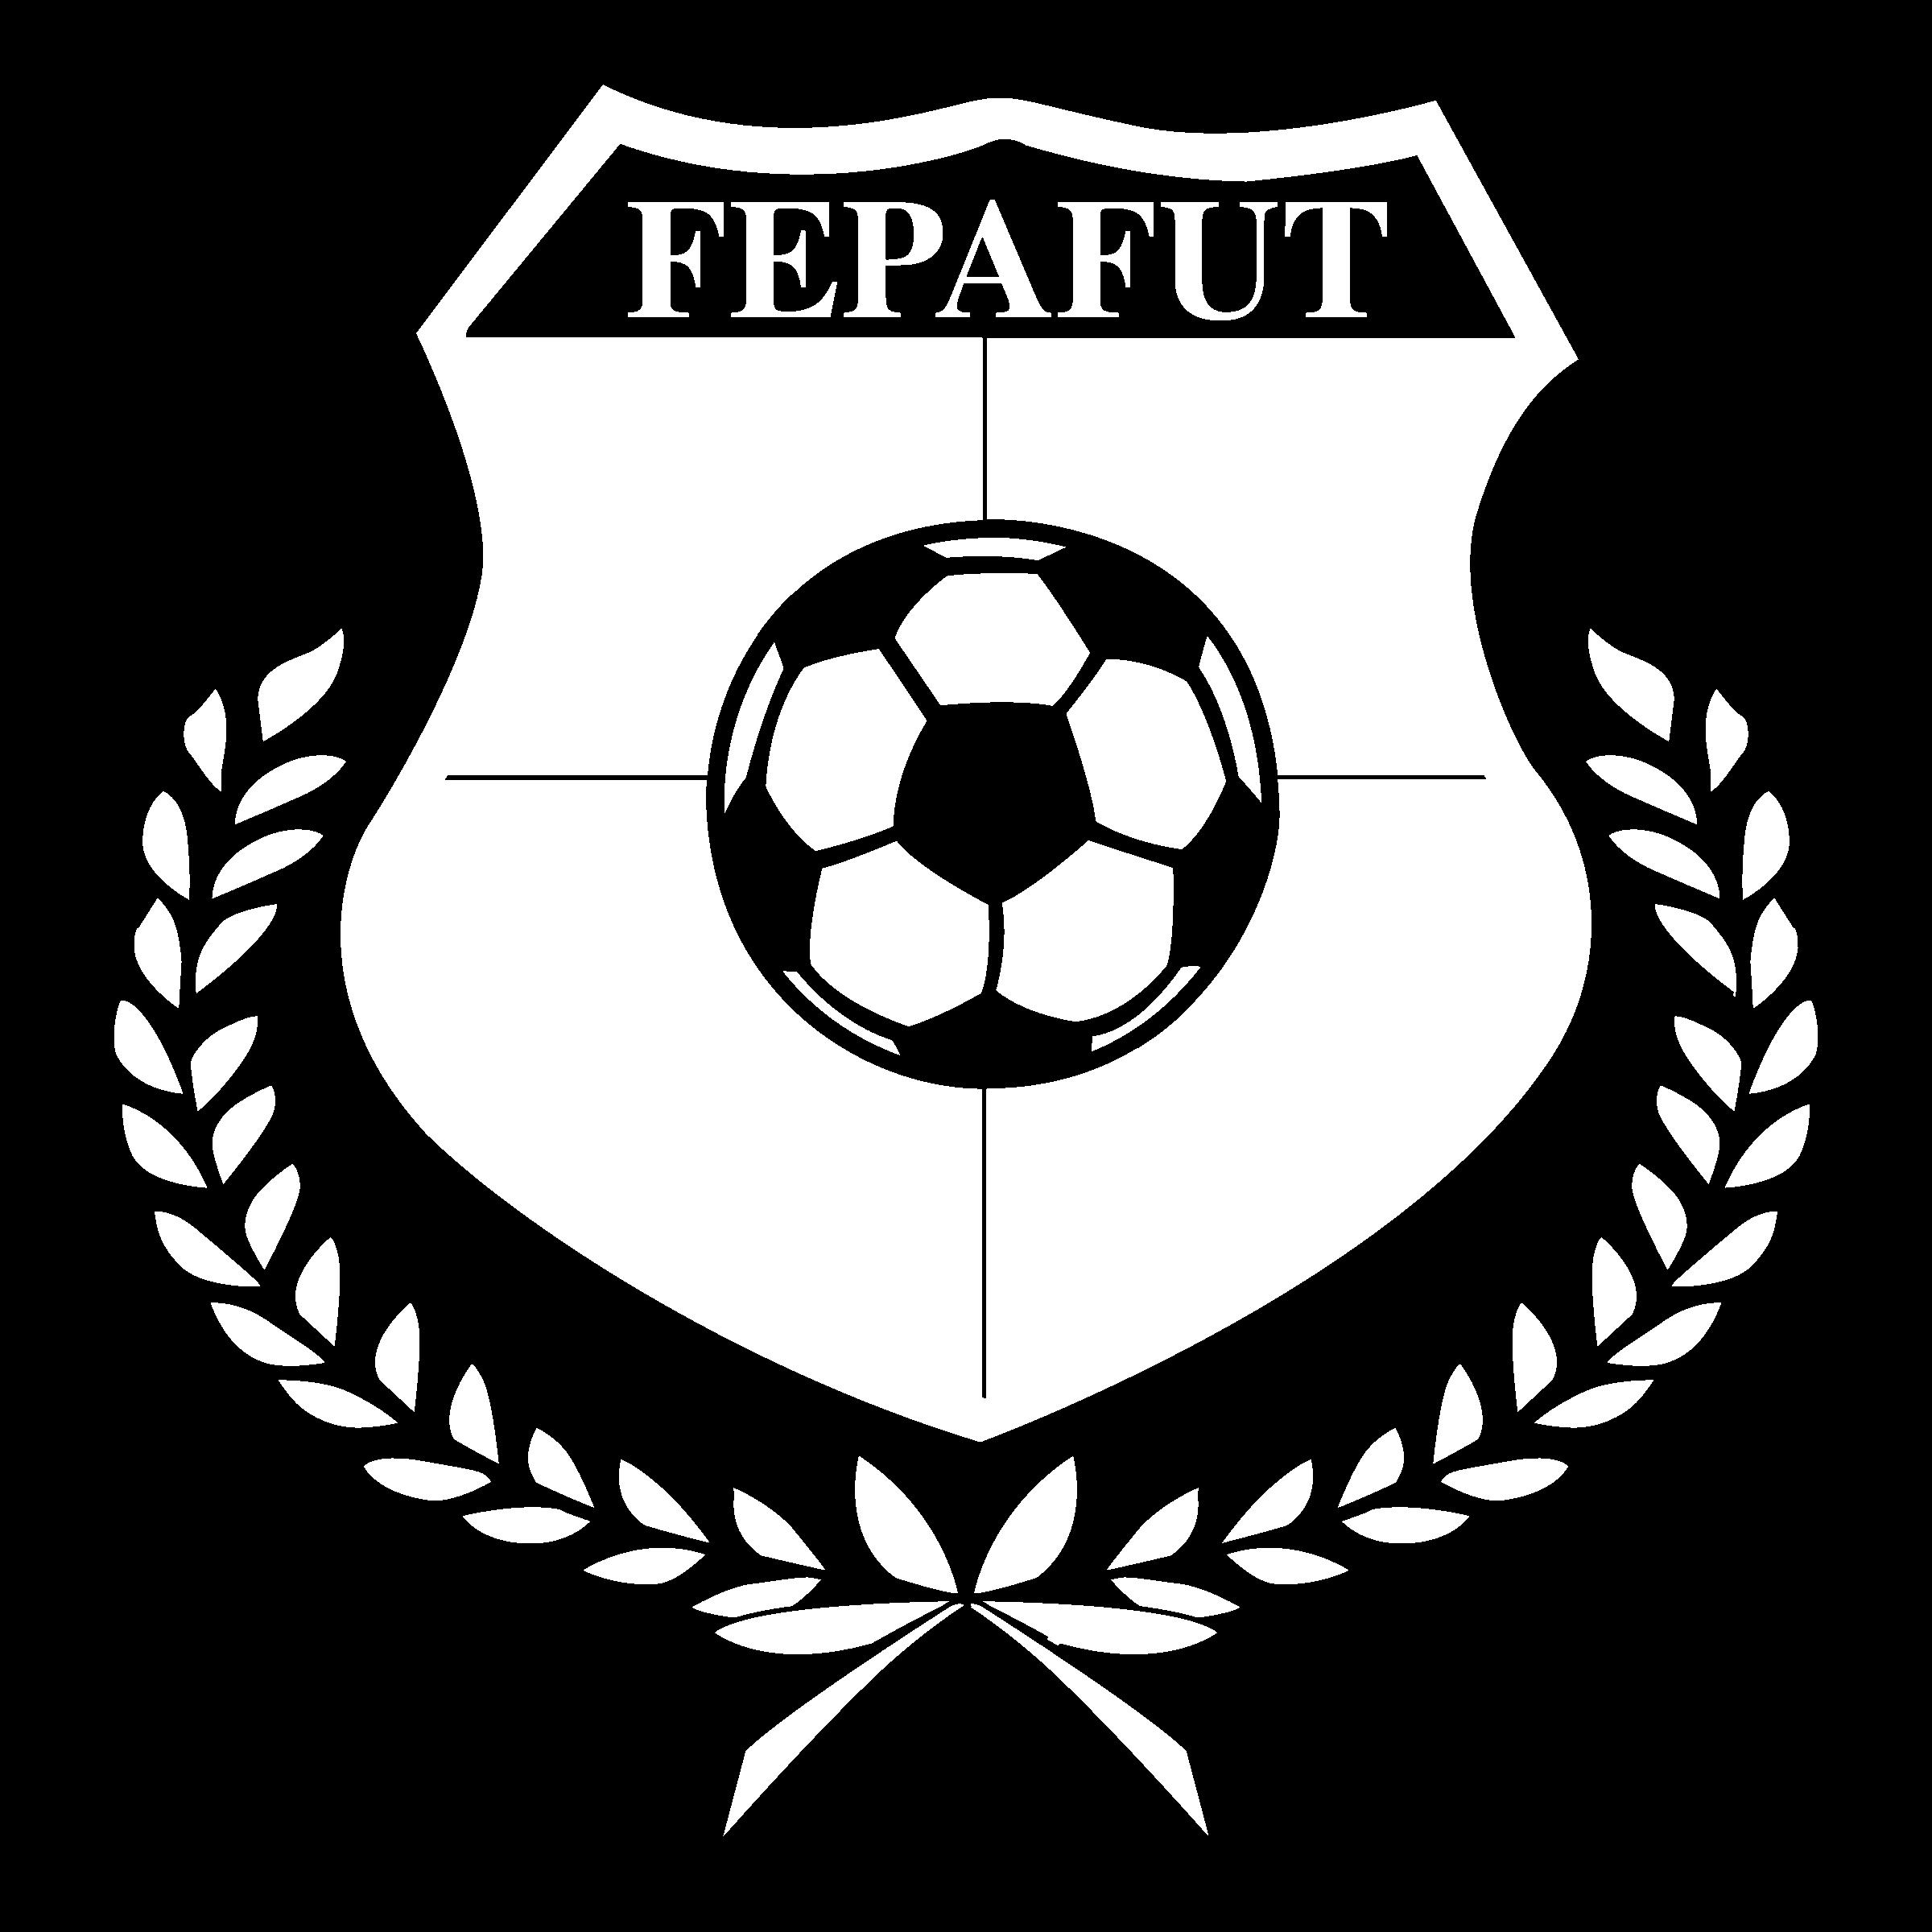 Fepafut Logo PNG Transparent & SVG Vector